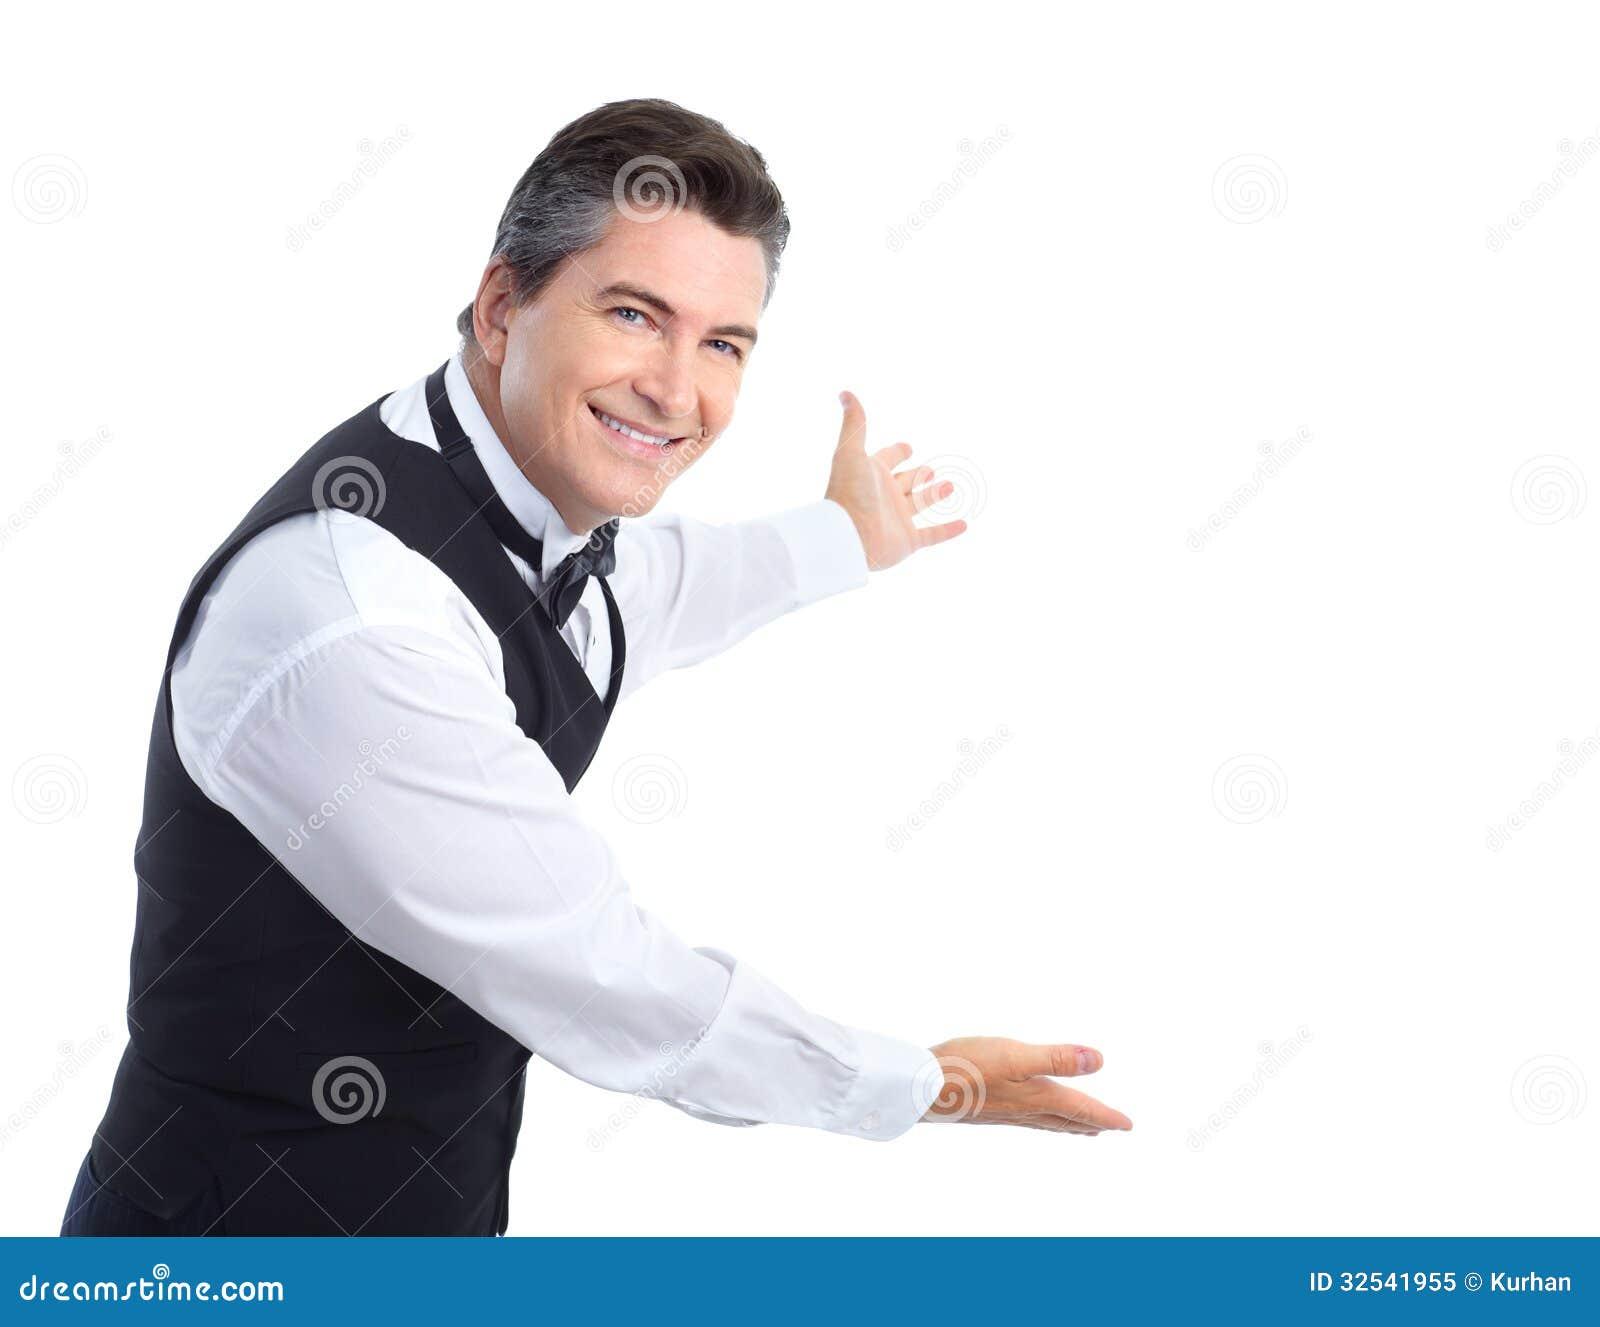 waiter stock image image of businessman advertising